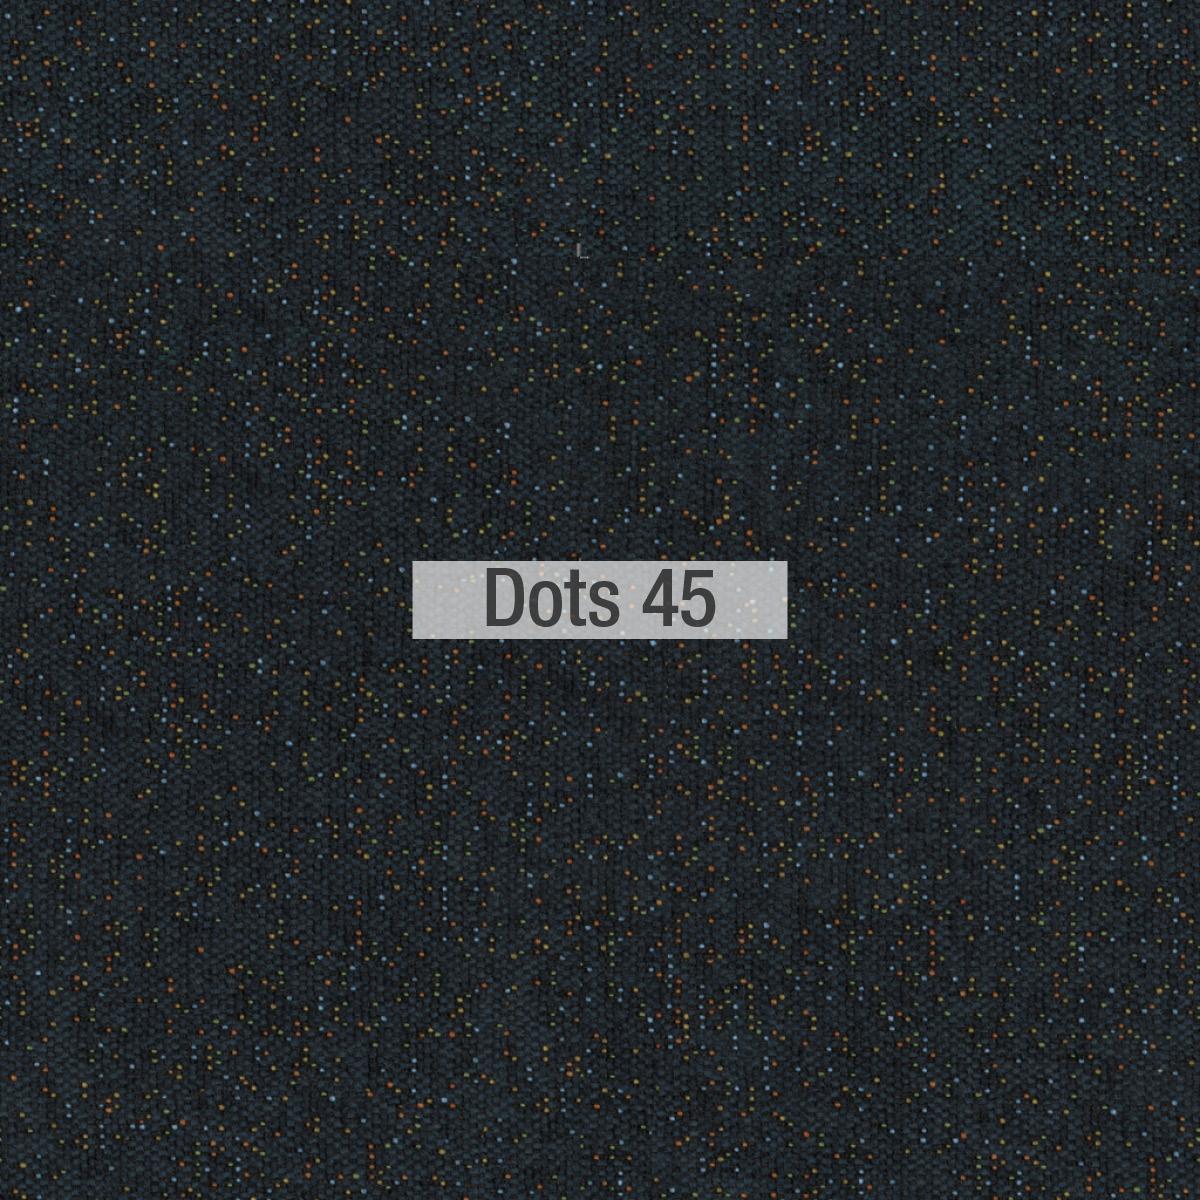 Colores Stella-Dots tela Fama 2020 13